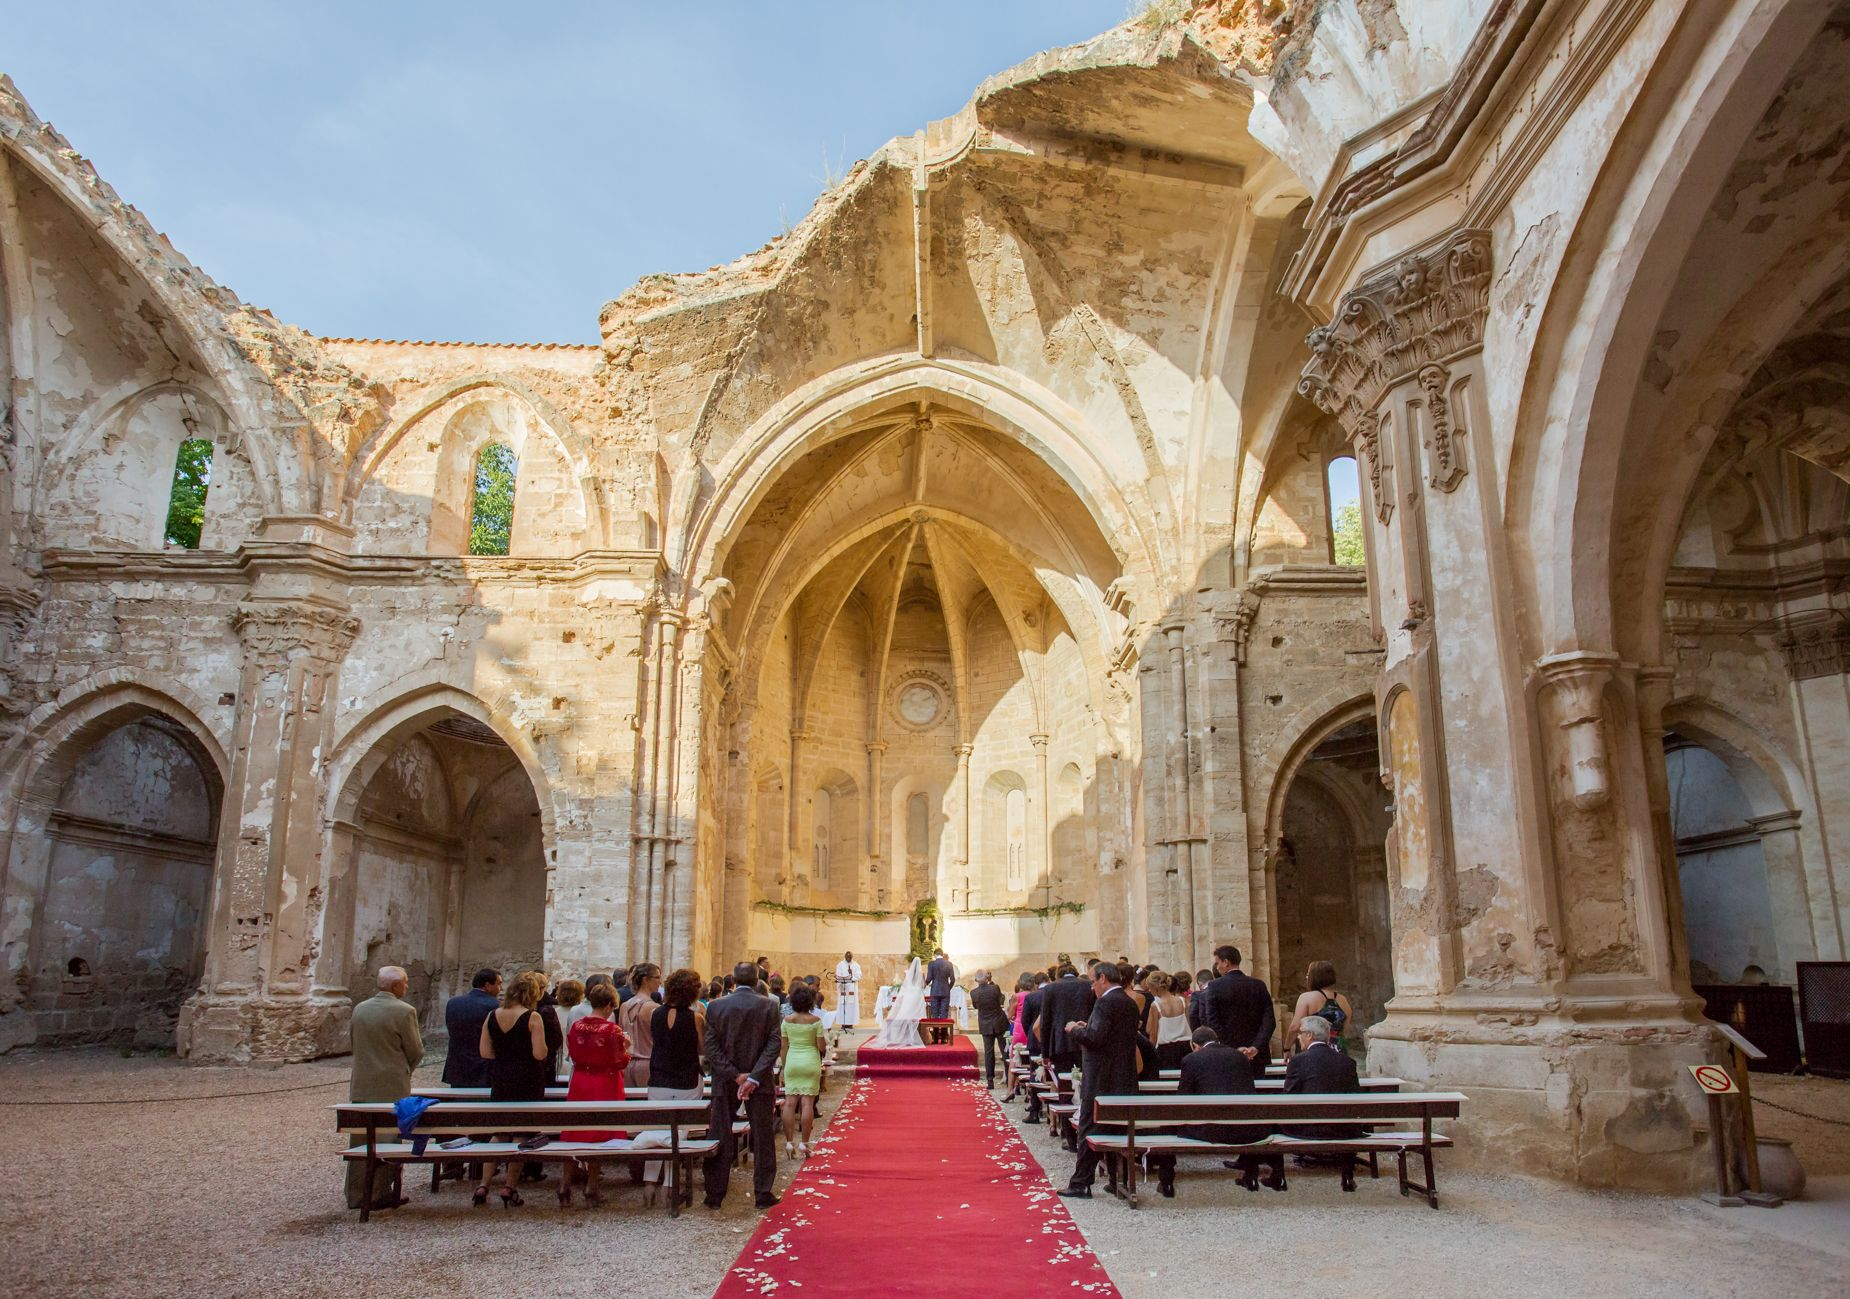 Monasterio De Piedra Zaragoza Esta En Un Enclave único En Un Parque Natural Rodeado De Espectaculares Cascadas El Hotel Ofrece Diferentes Alternat Casamento